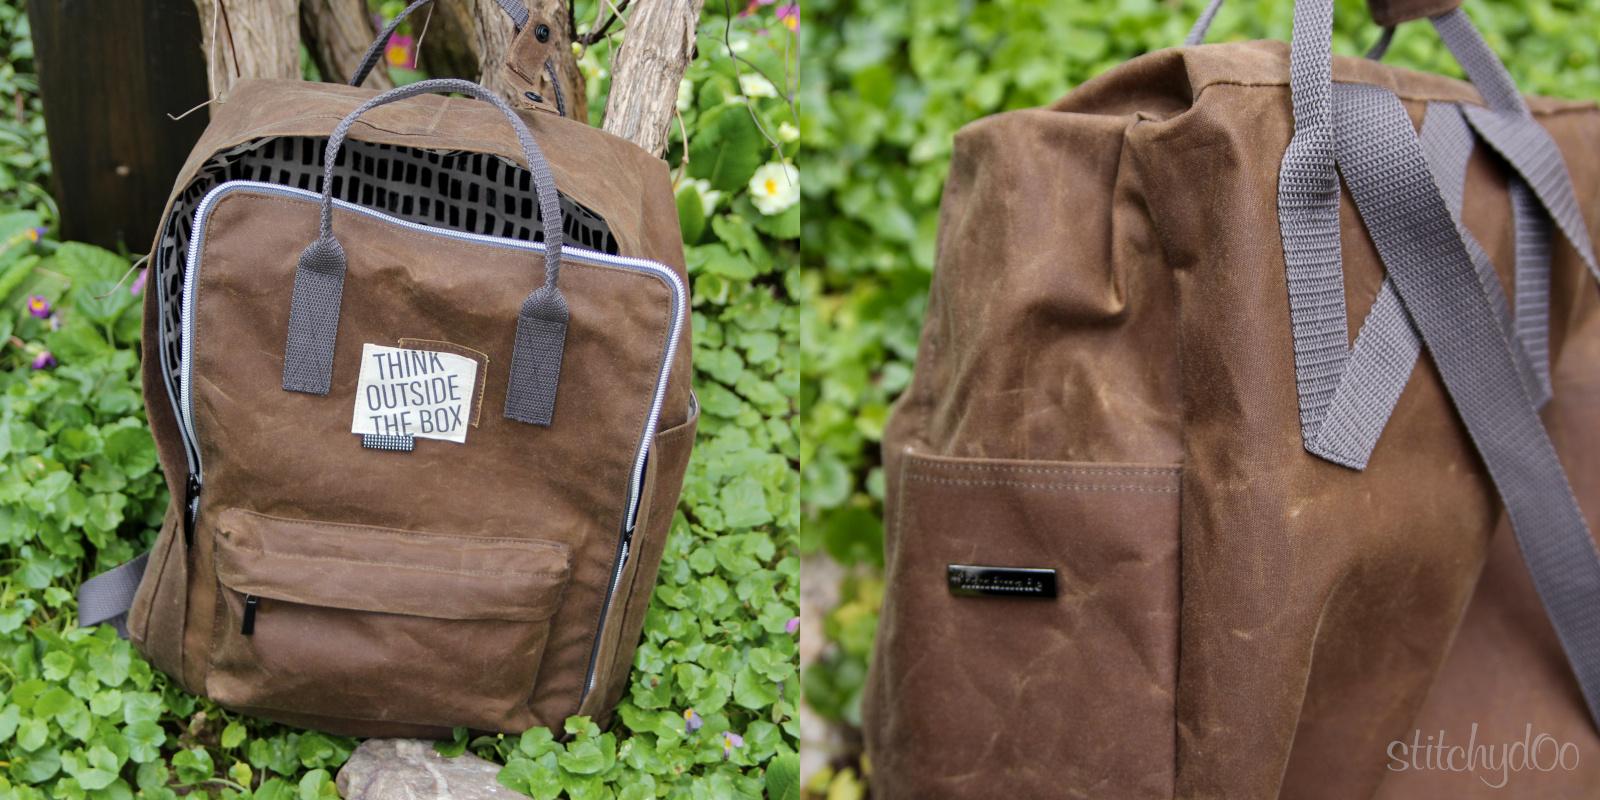 Der andere Rucksack aus Oilskin mit Handmade Label